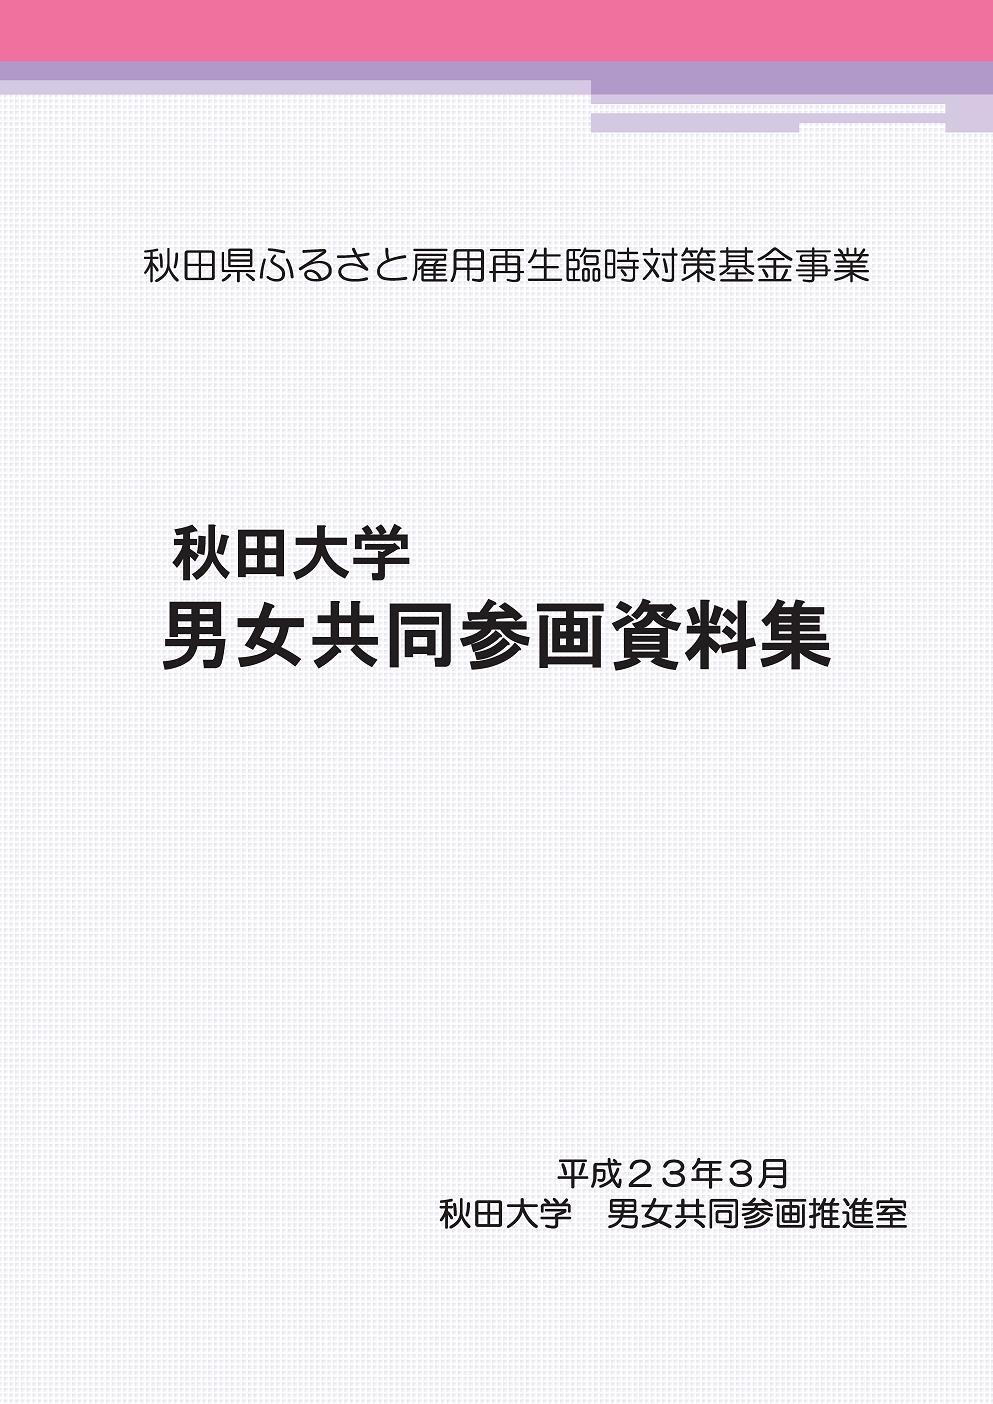 男女共同参画資料集(H23.3月発行)